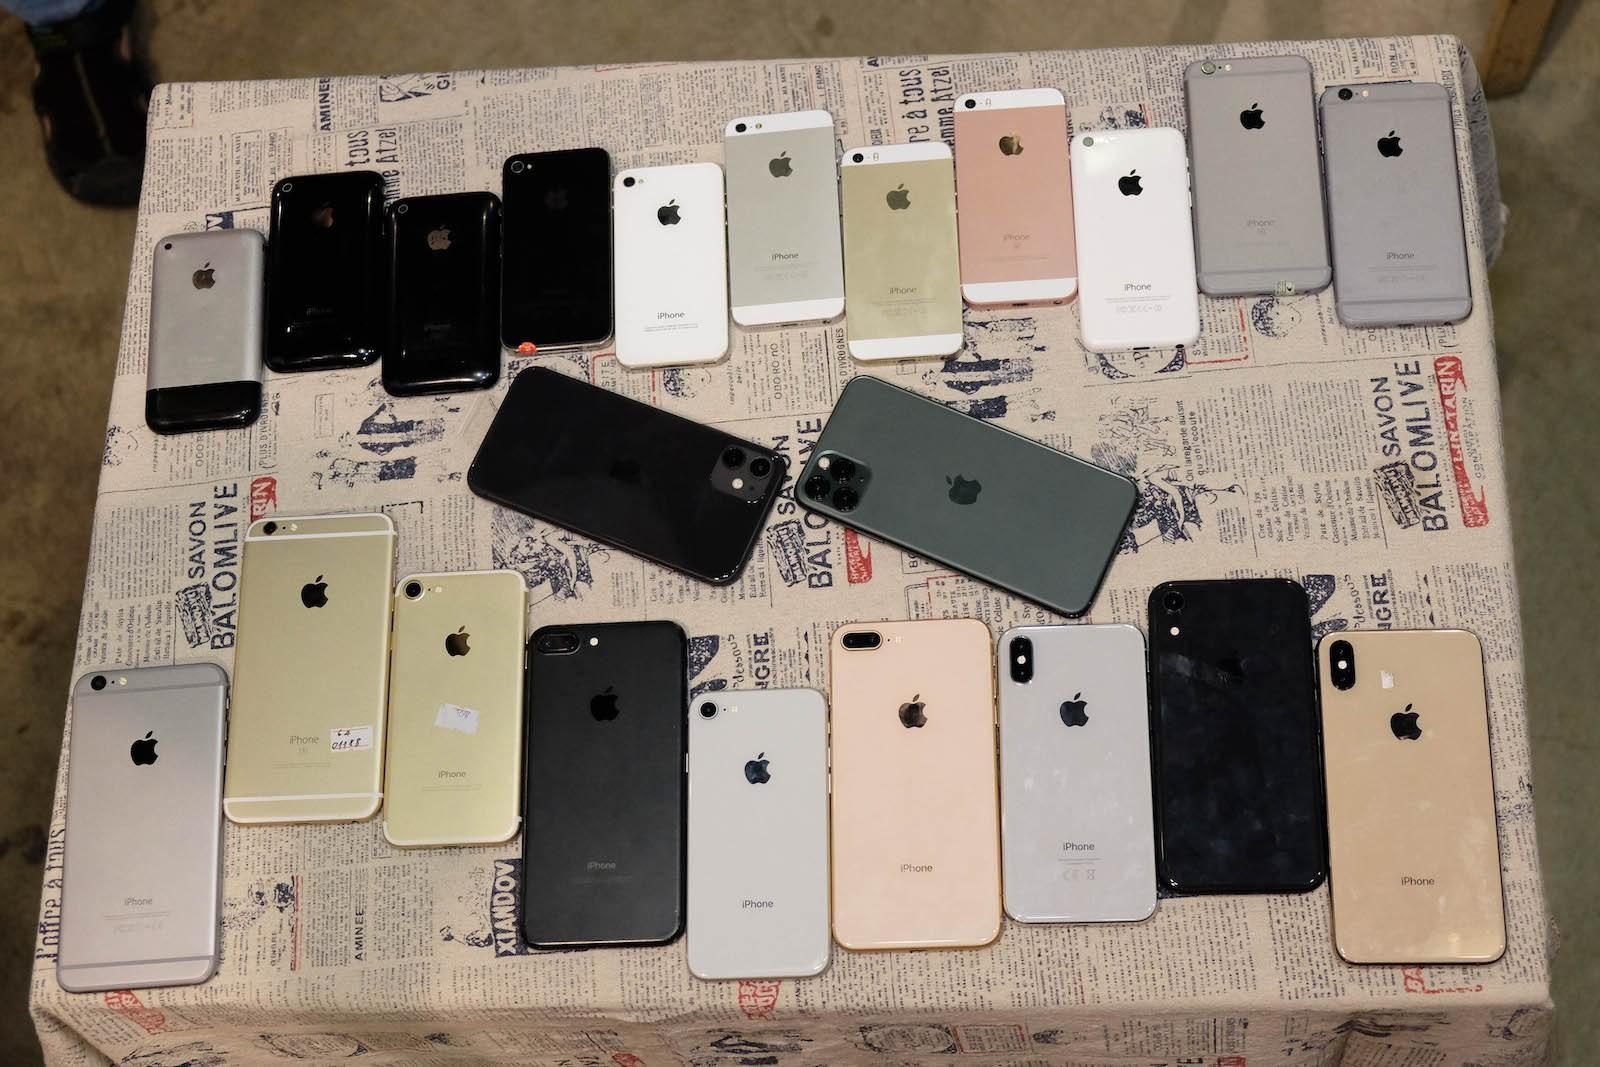 Chiêm ngưỡng bộ sưu tập từ iPhone 1 đến iPhone 11 Pro Max Ảnh 6